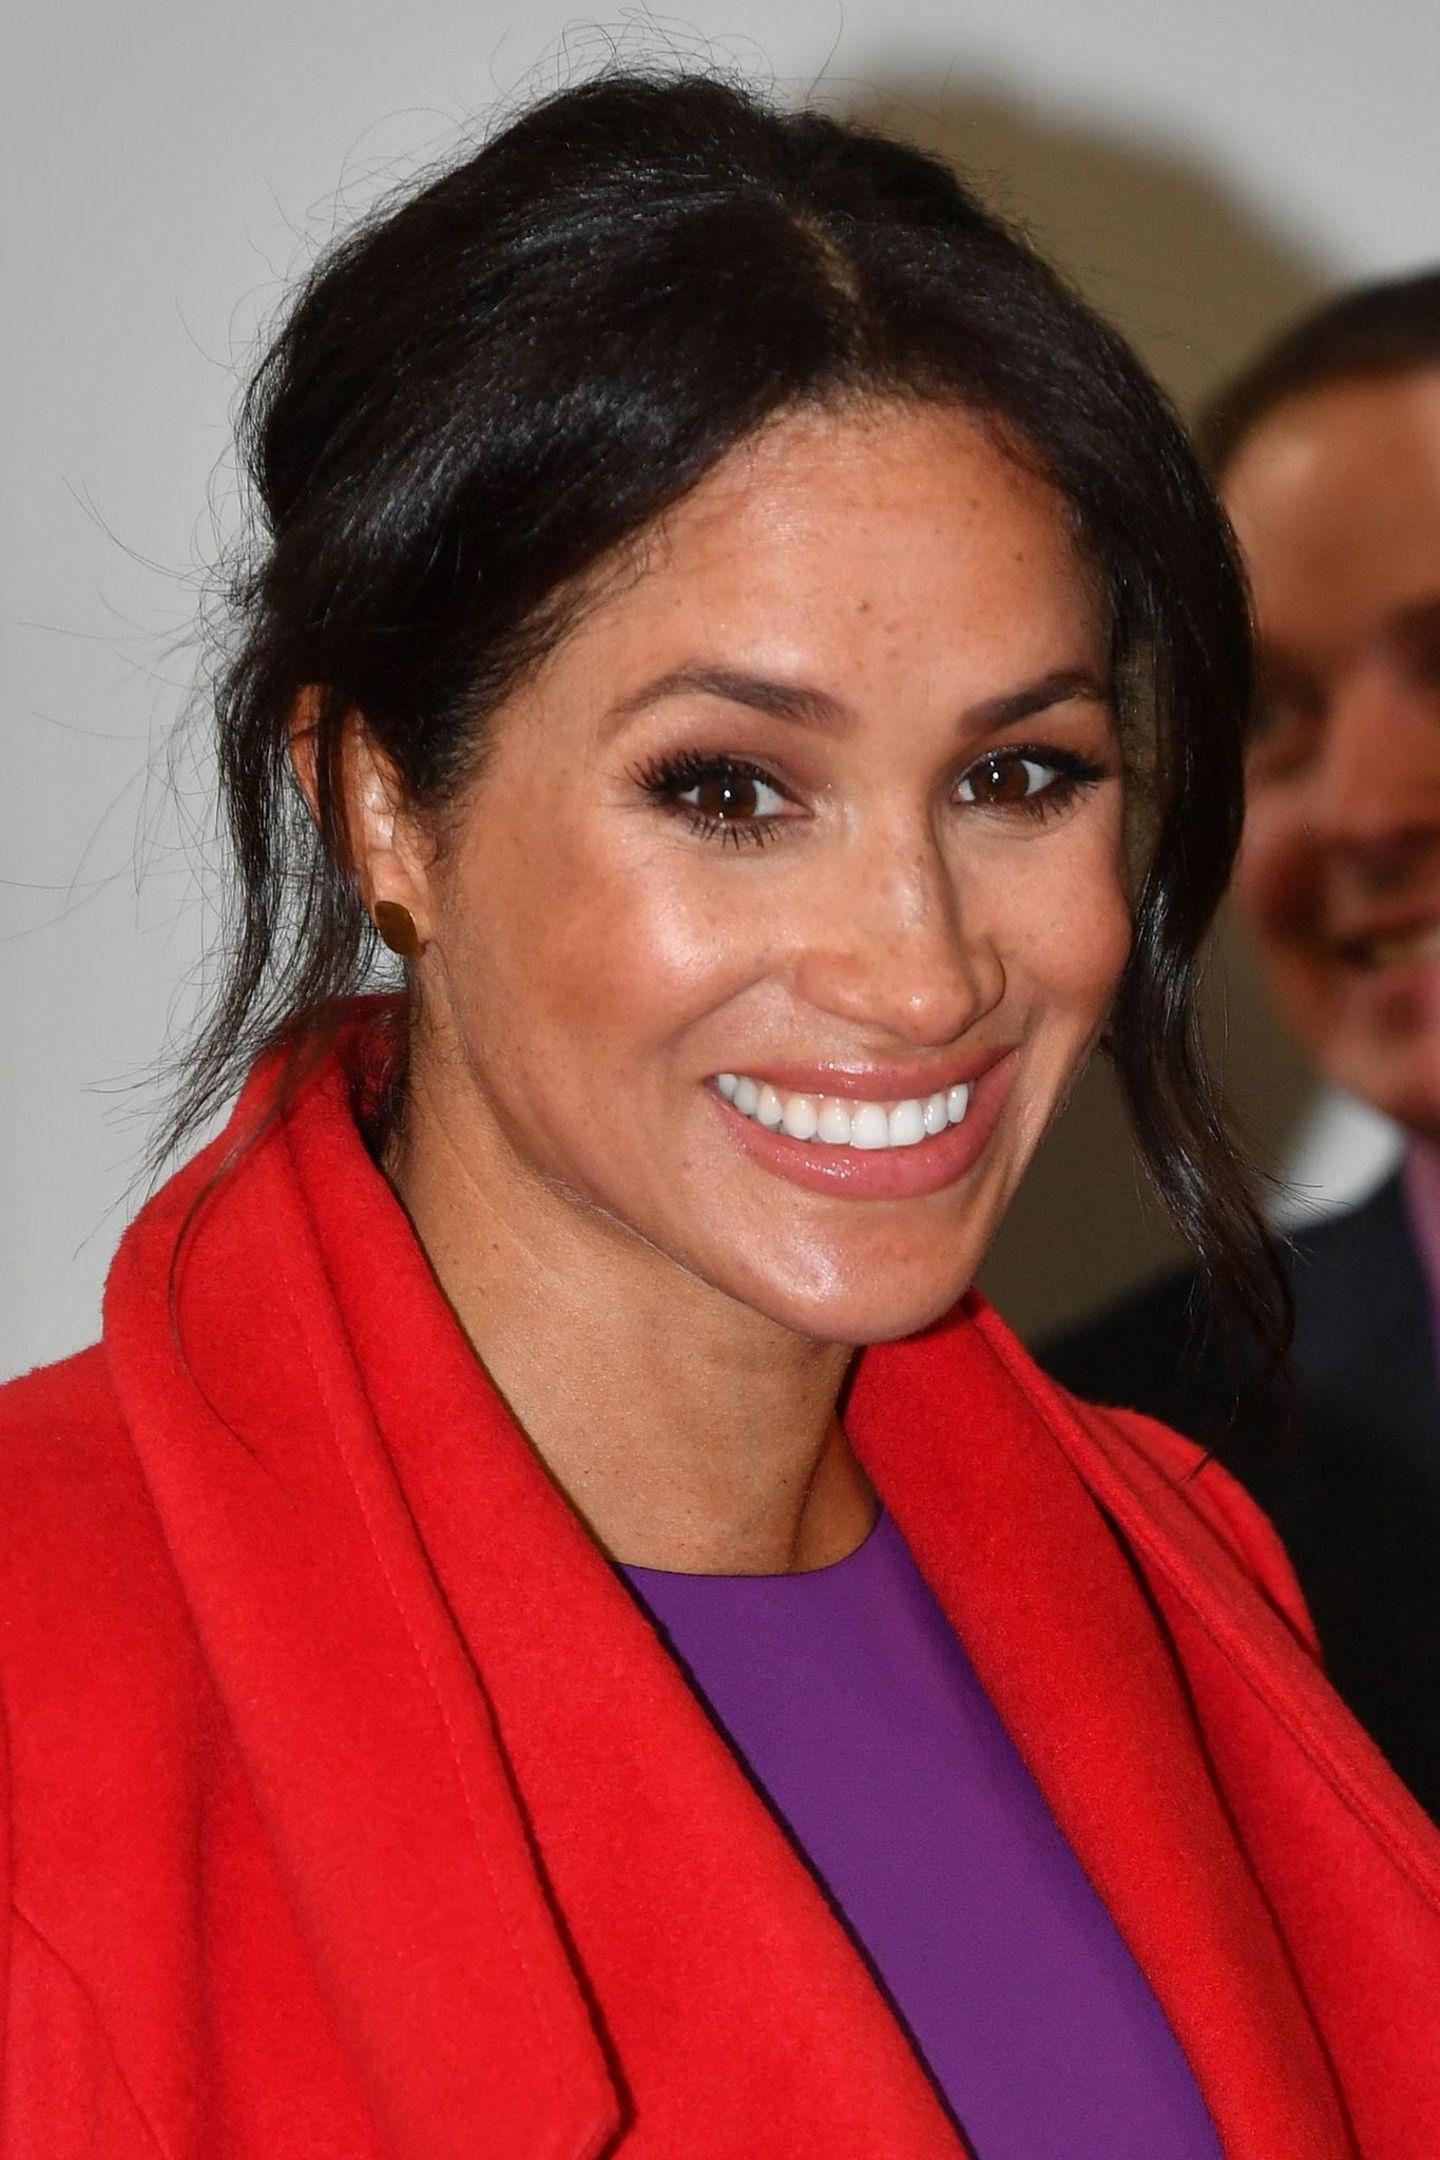 Herzogin Meghan mit rotem Mantel